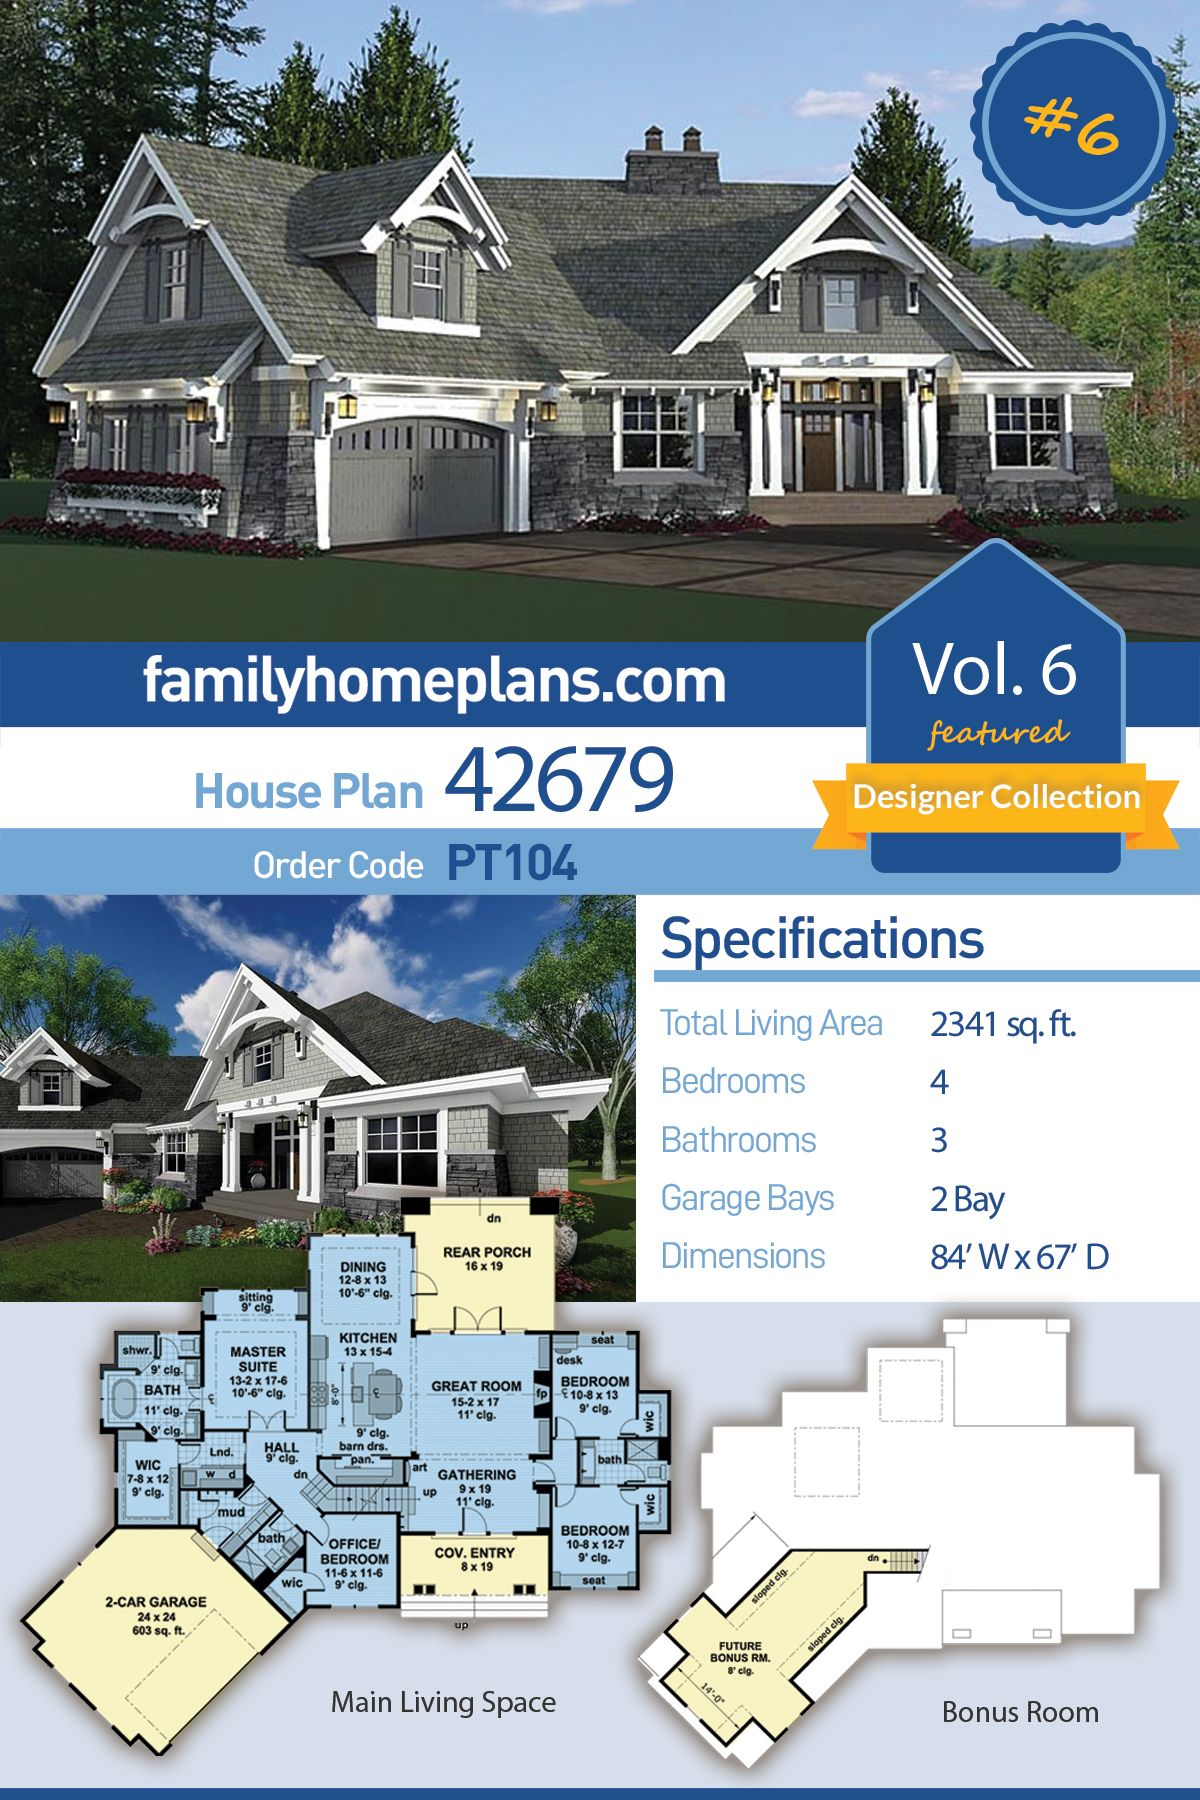 Tudor Style House Plan 42679 With 4 Bed 3 Bath 2 Car Garage Family House Plans Cottage House Plans Craftsman House Plans